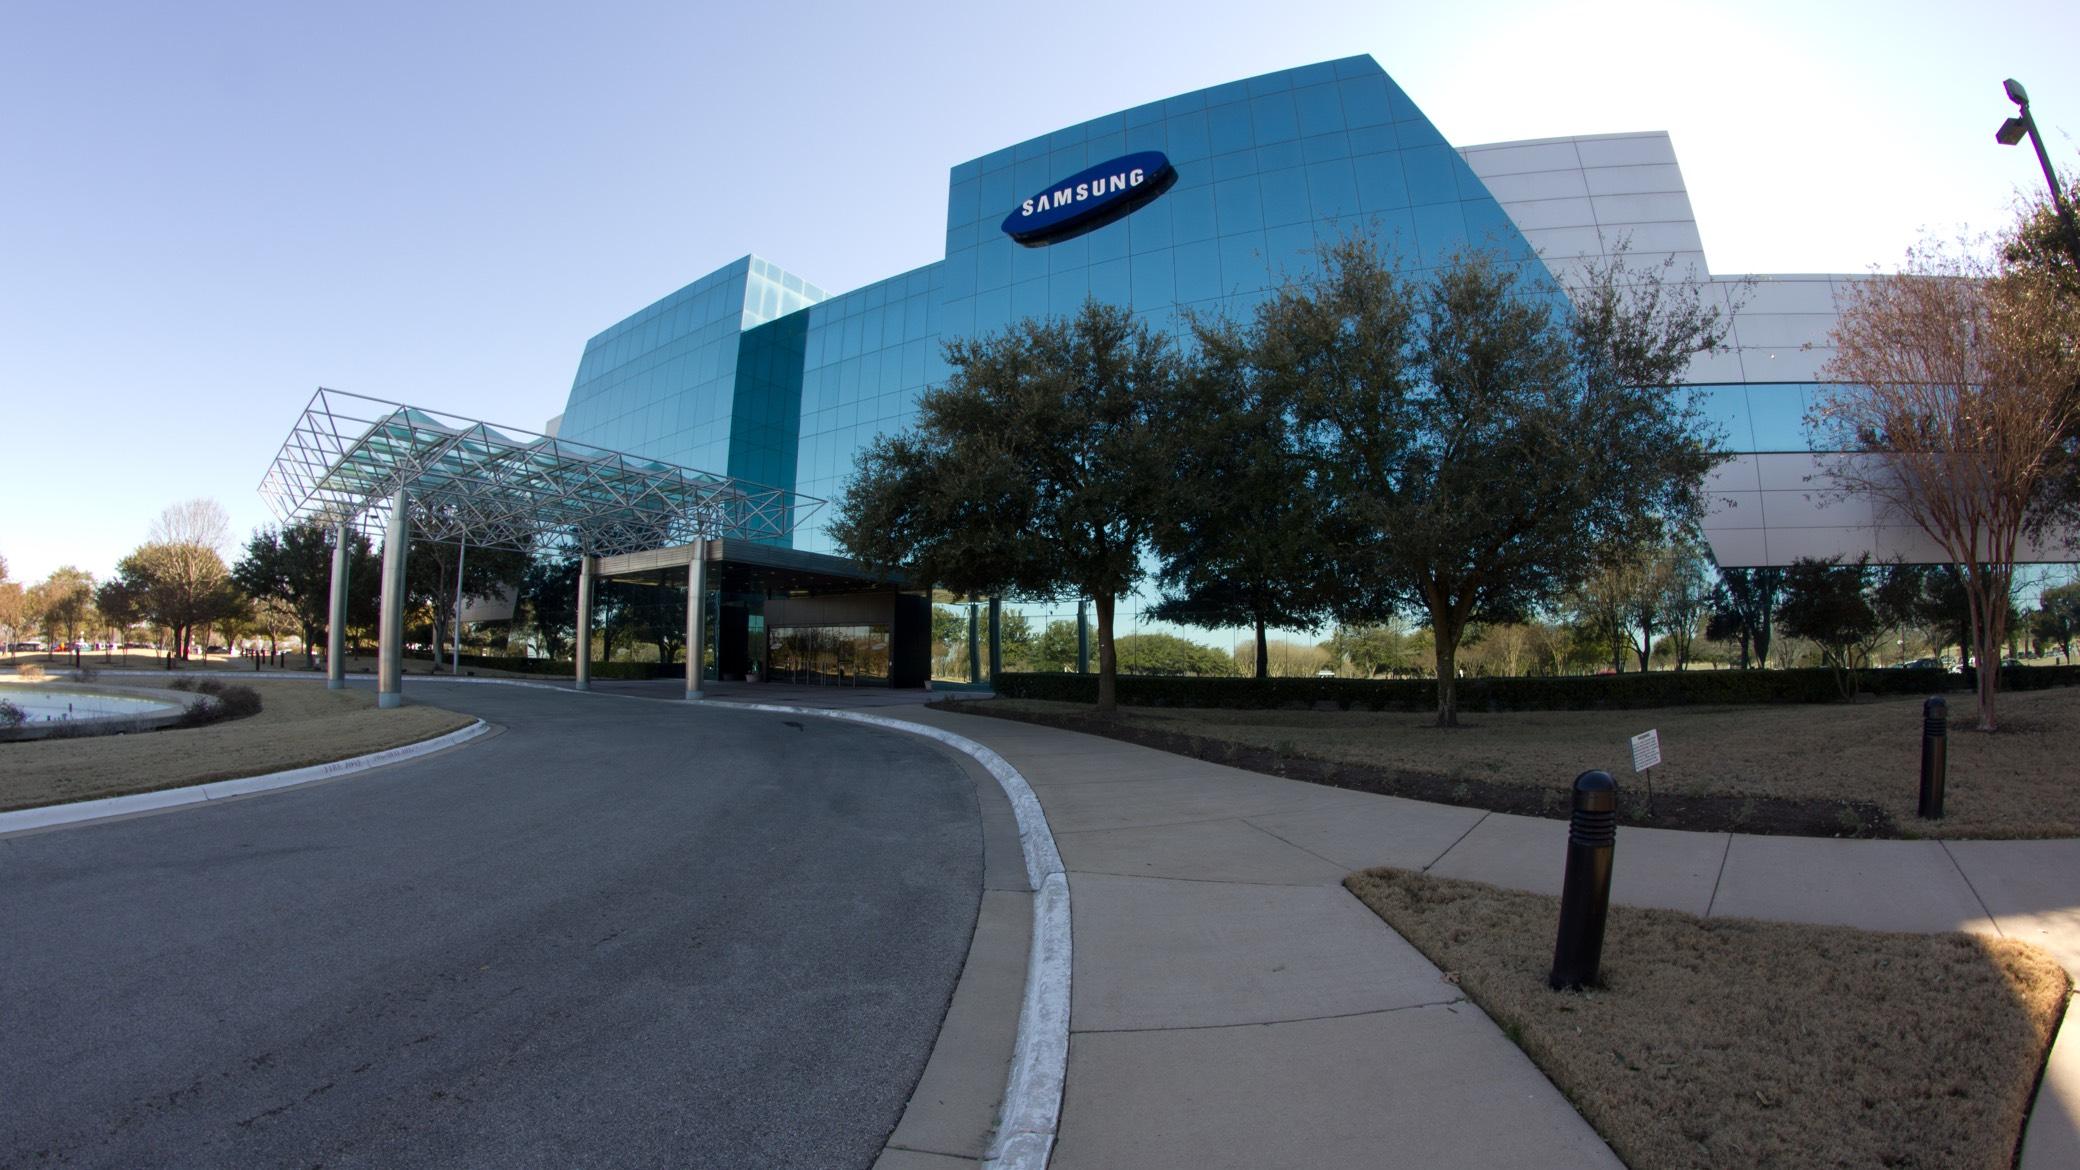 Fabriek in Austin, Texas waar de meeste A9-chips gemaakt zullen worden.